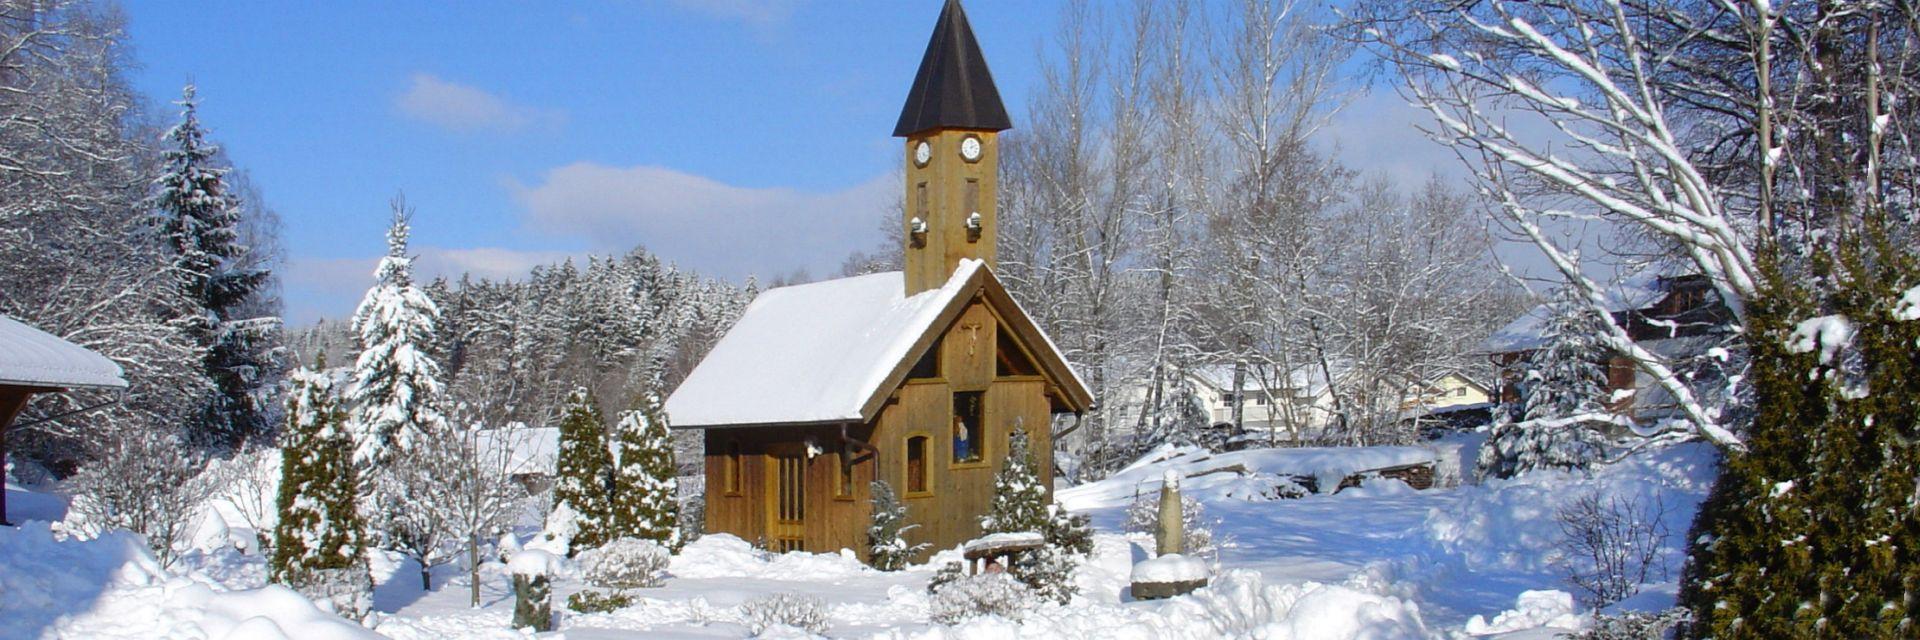 winterurlaub-langlaufen-bayerischer-wald-kirchberg-skifahren